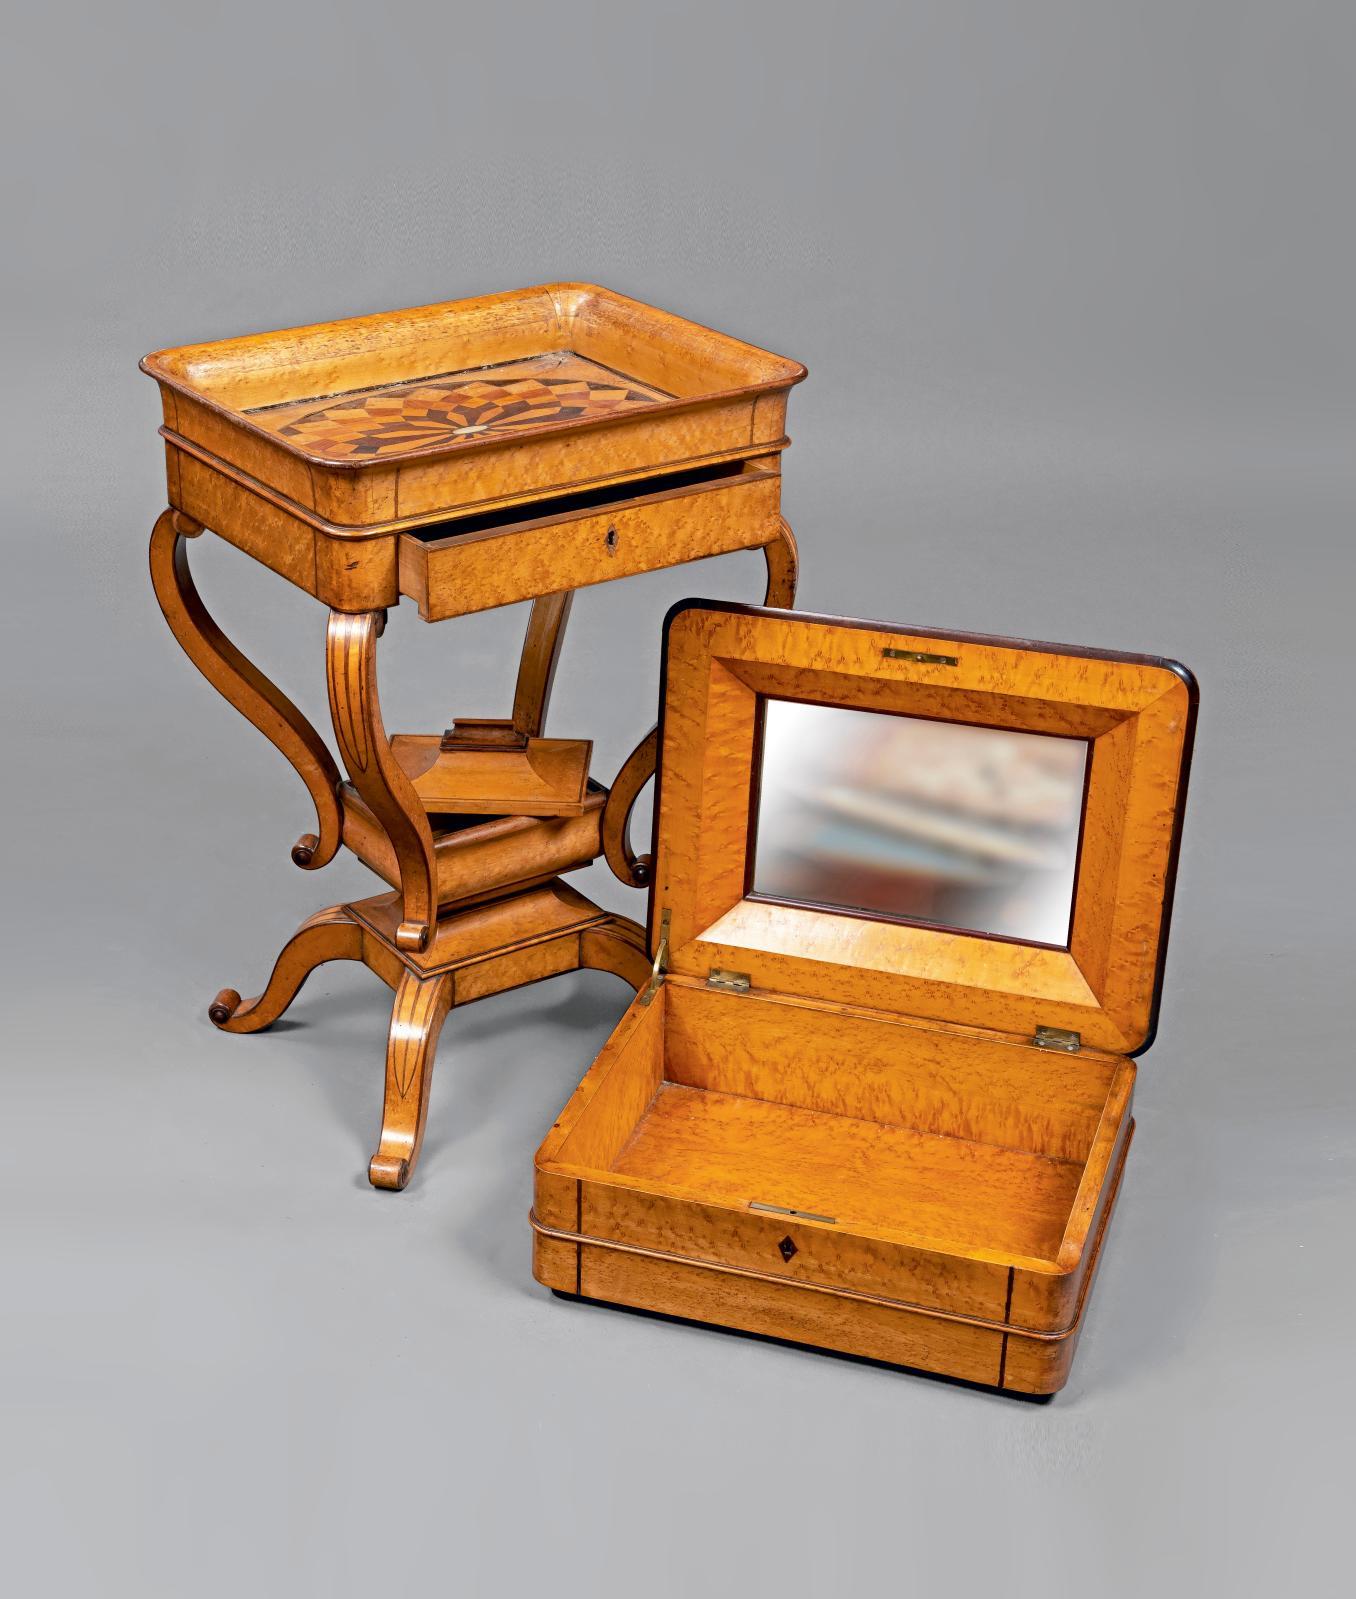 Table travailleuse en placage d'érable moucheté incrusté de filets de palissandre, partie supérieure en forme de coffret amovible découvra